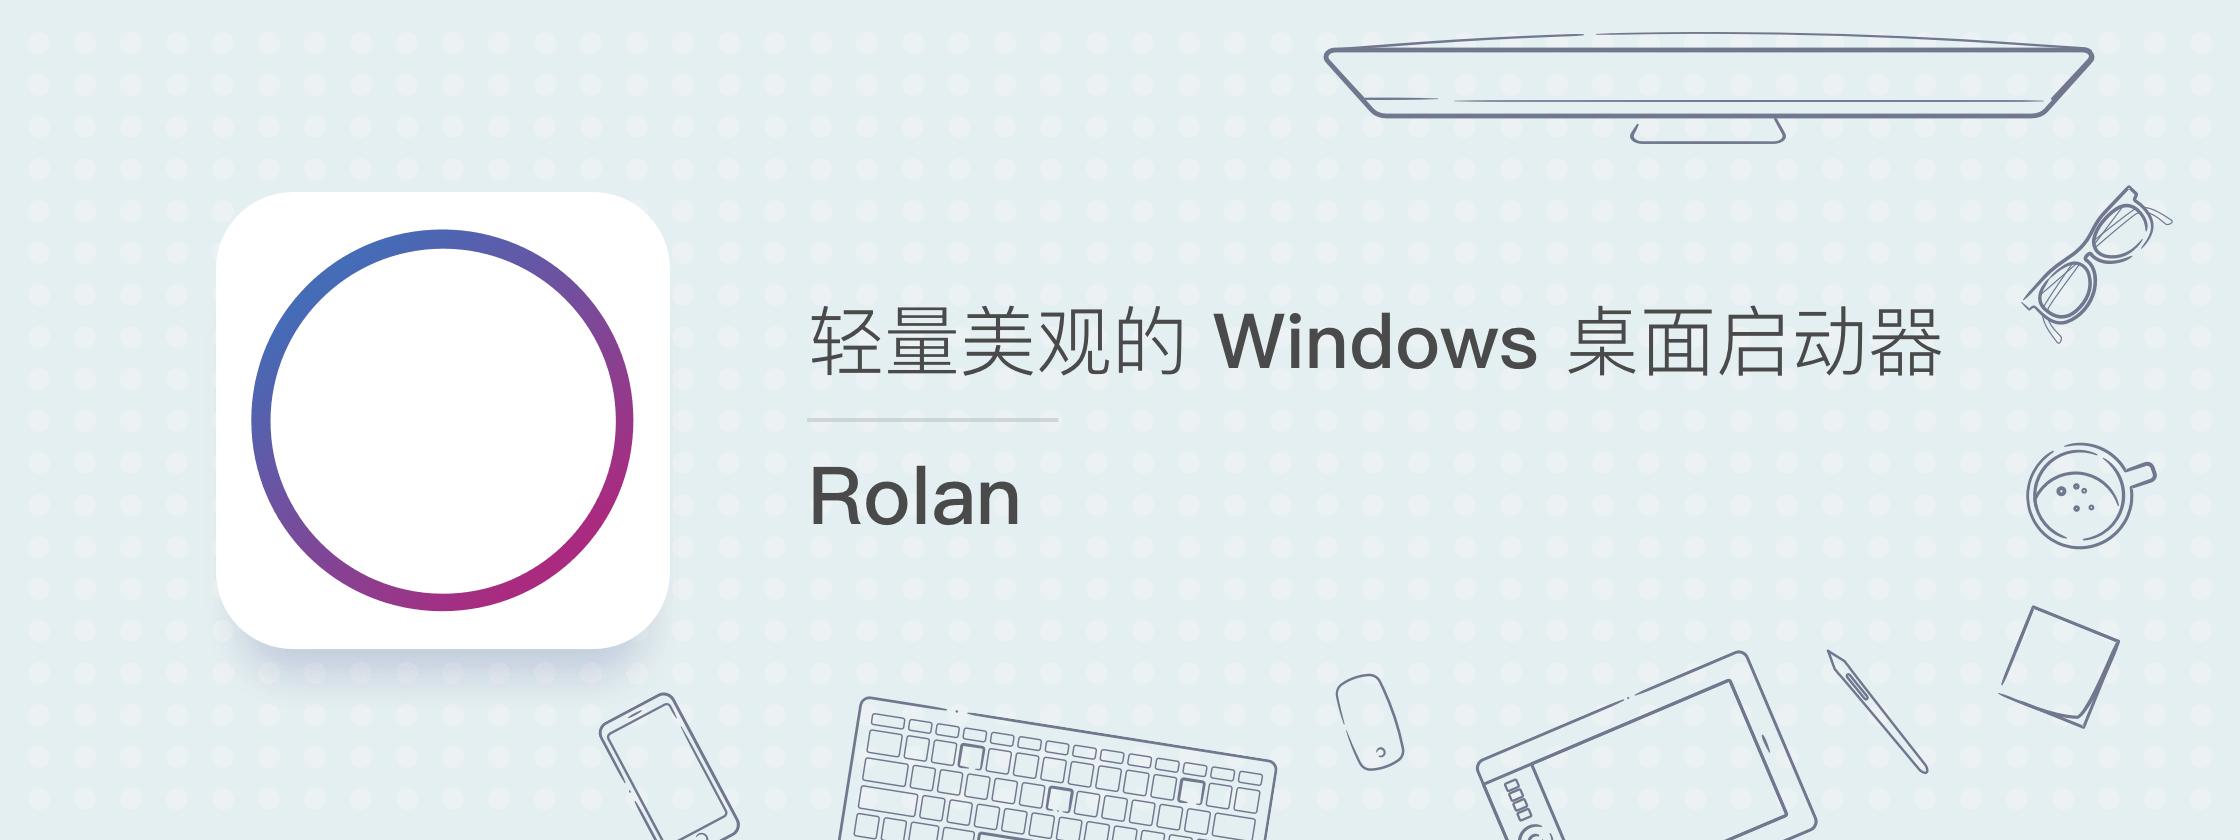 Rolan,轻量美观的 Windows 桌面启动器